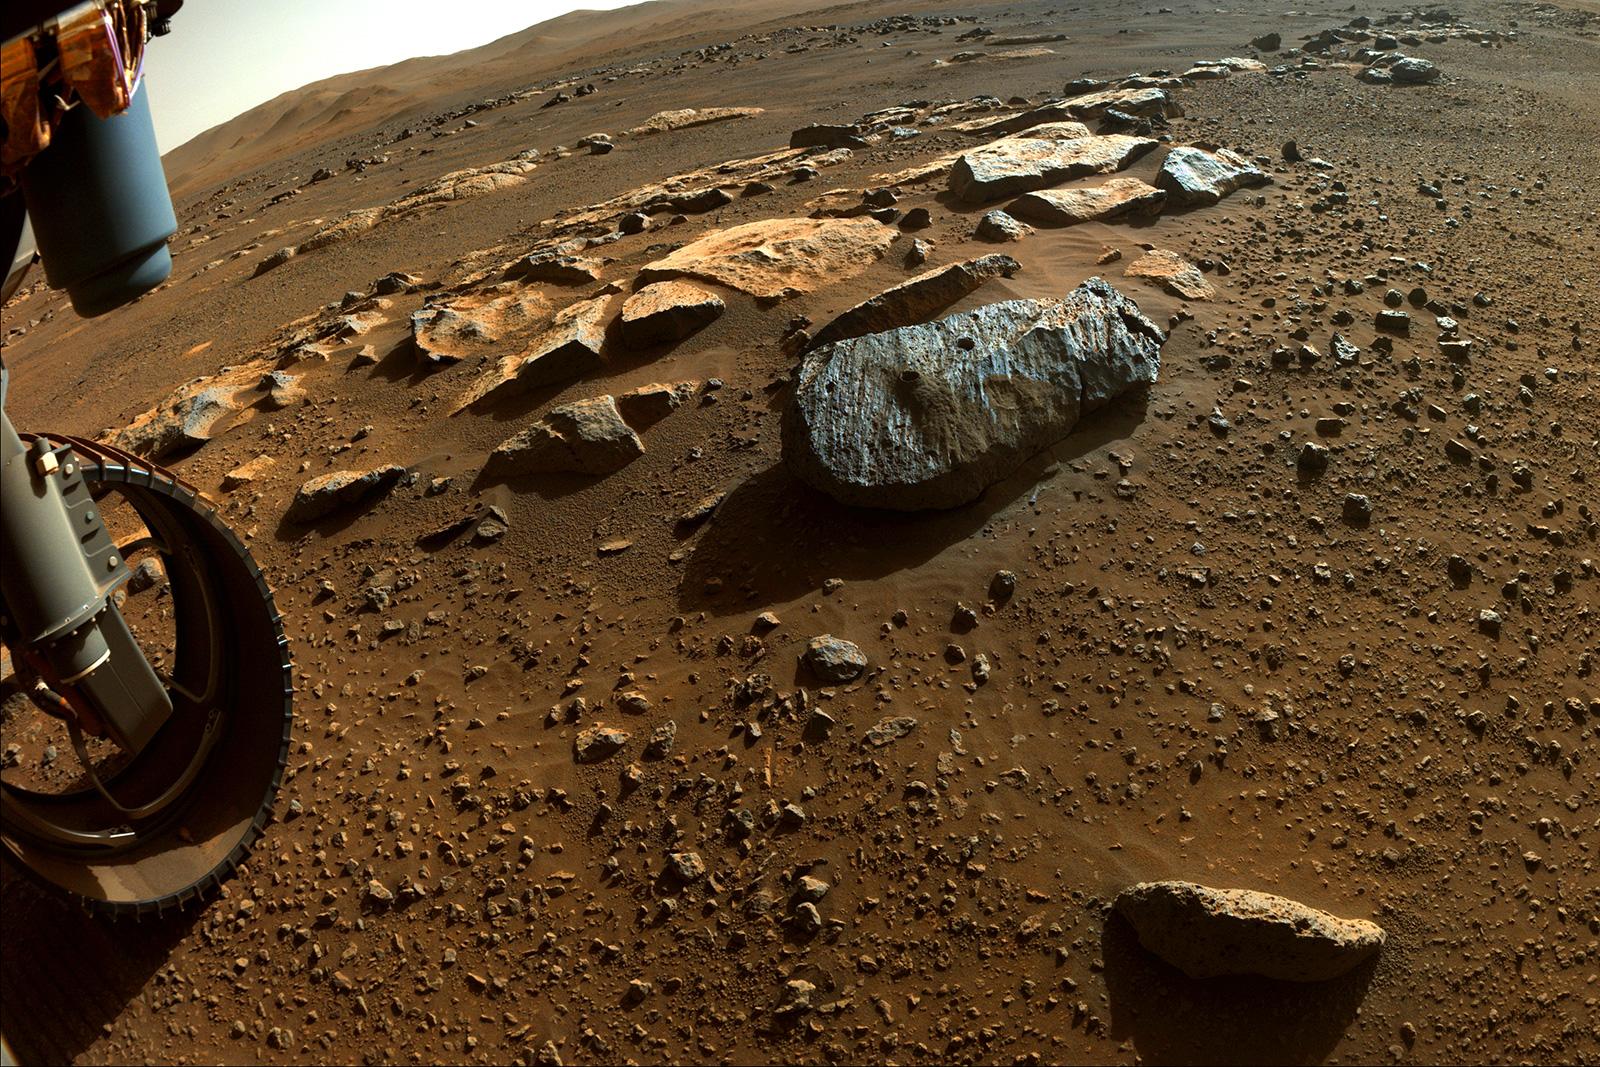 Azim gezici örnekleri, Mars'ta uzun süredir su olduğunu gösteriyor | Engadget